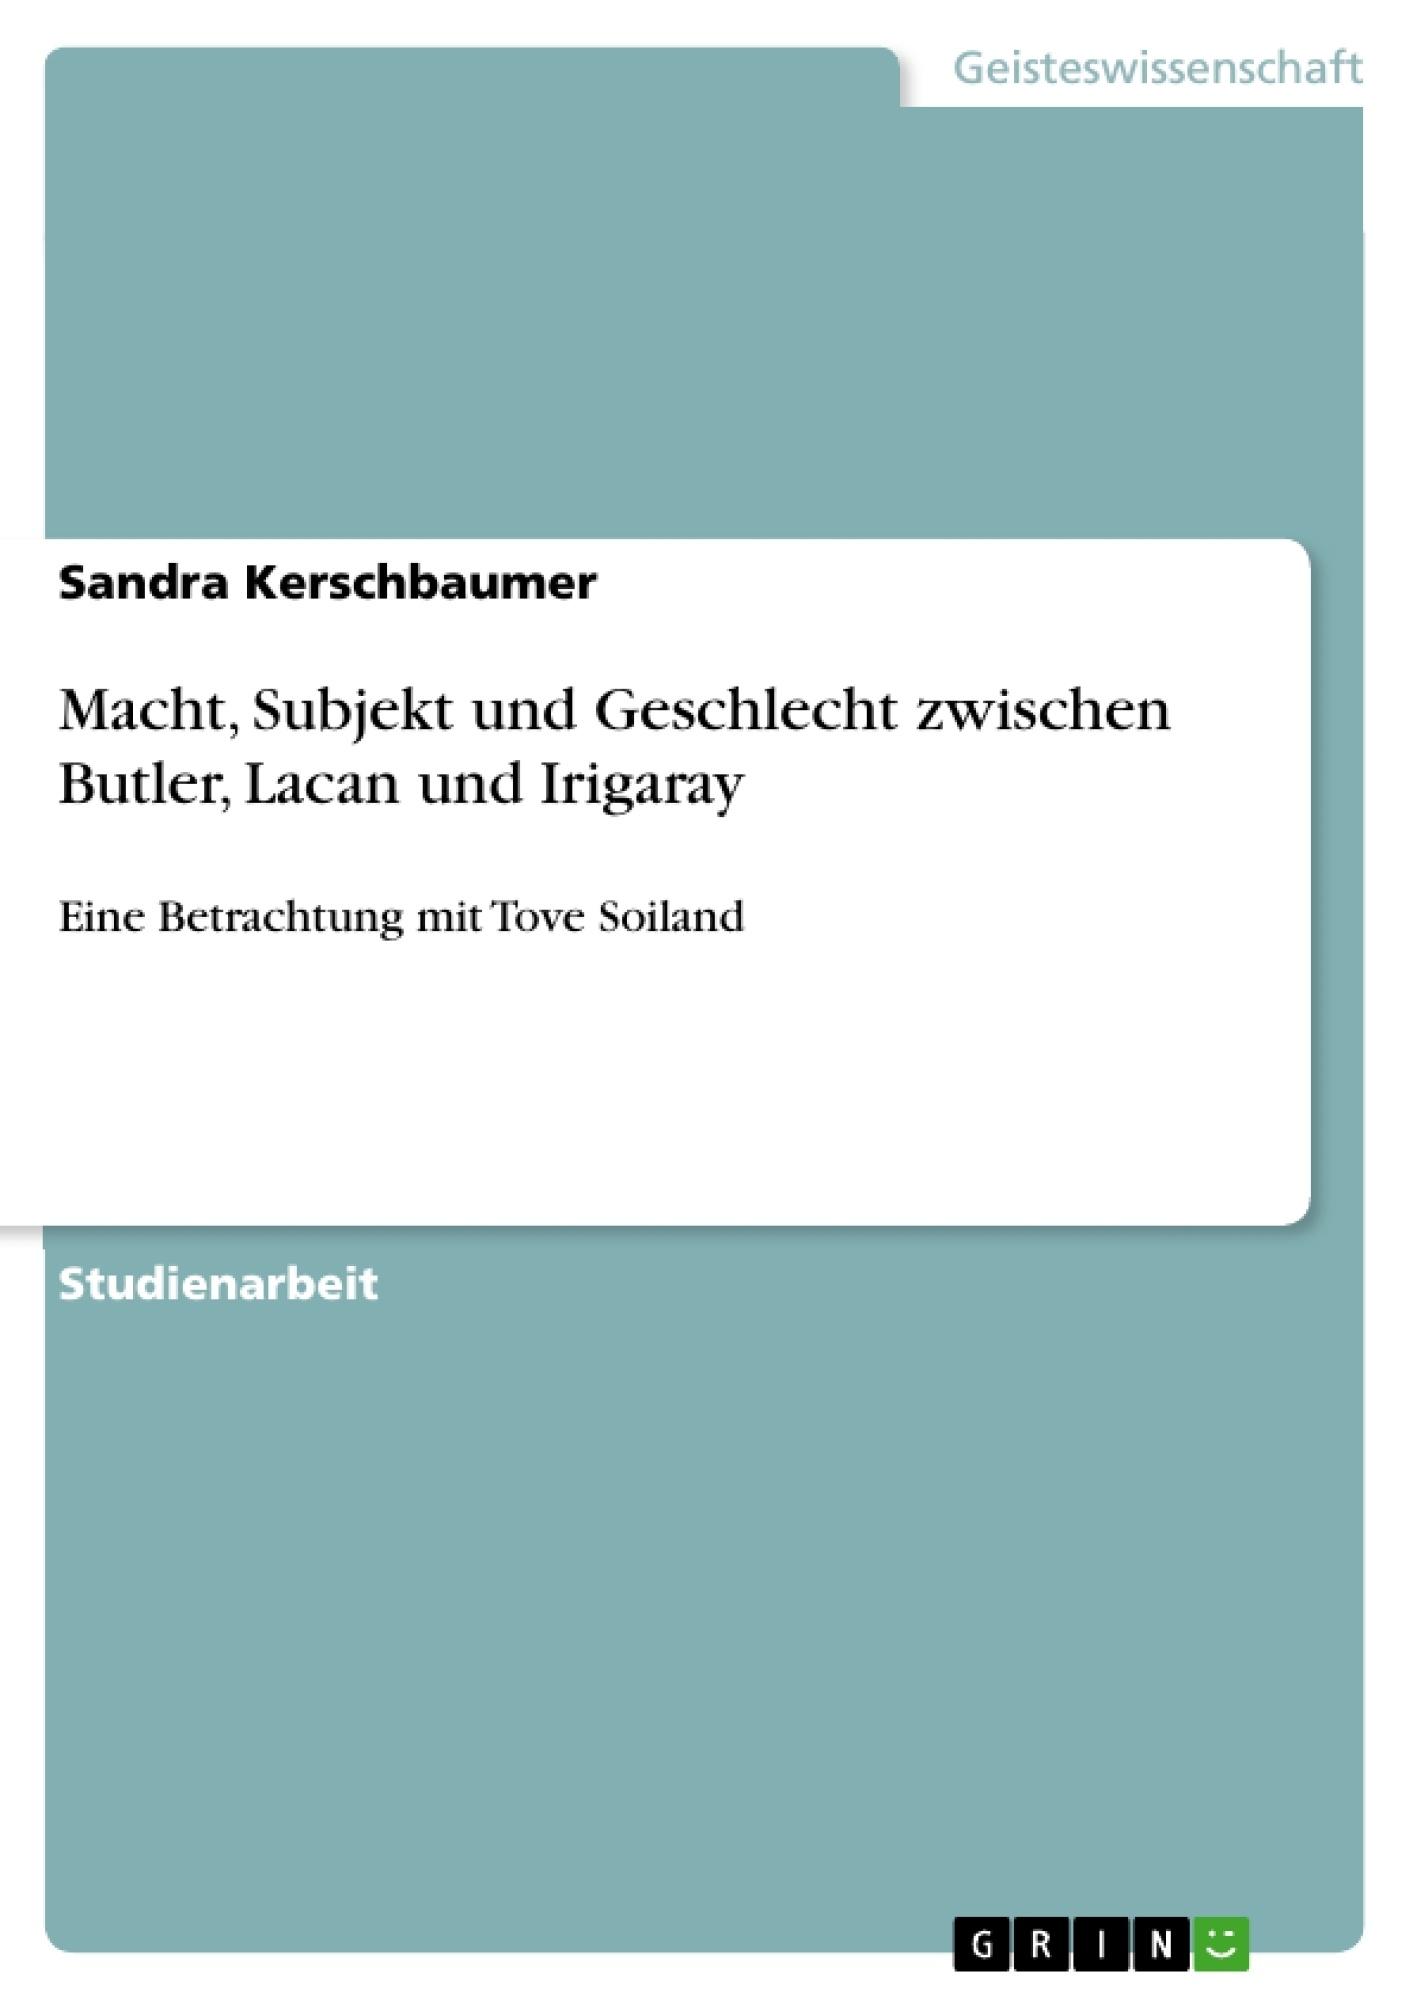 Titel: Macht, Subjekt und Geschlecht zwischen Butler, Lacan und Irigaray